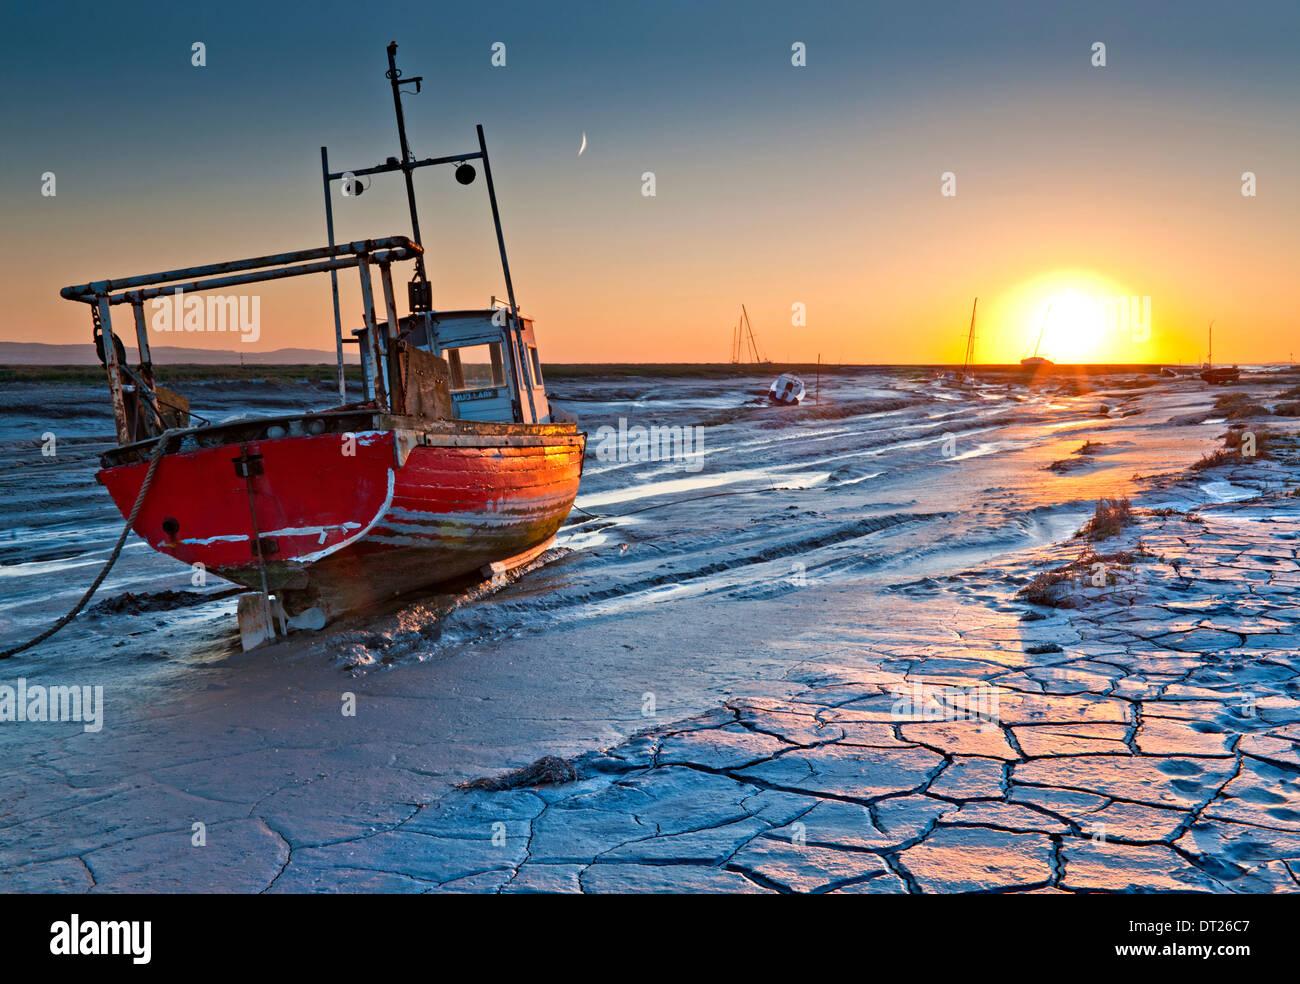 Le velme e le barche dei pescatori al tramonto, Heswall, la dee Estuary, Wirral, Merseyside England, Regno Unito Immagini Stock